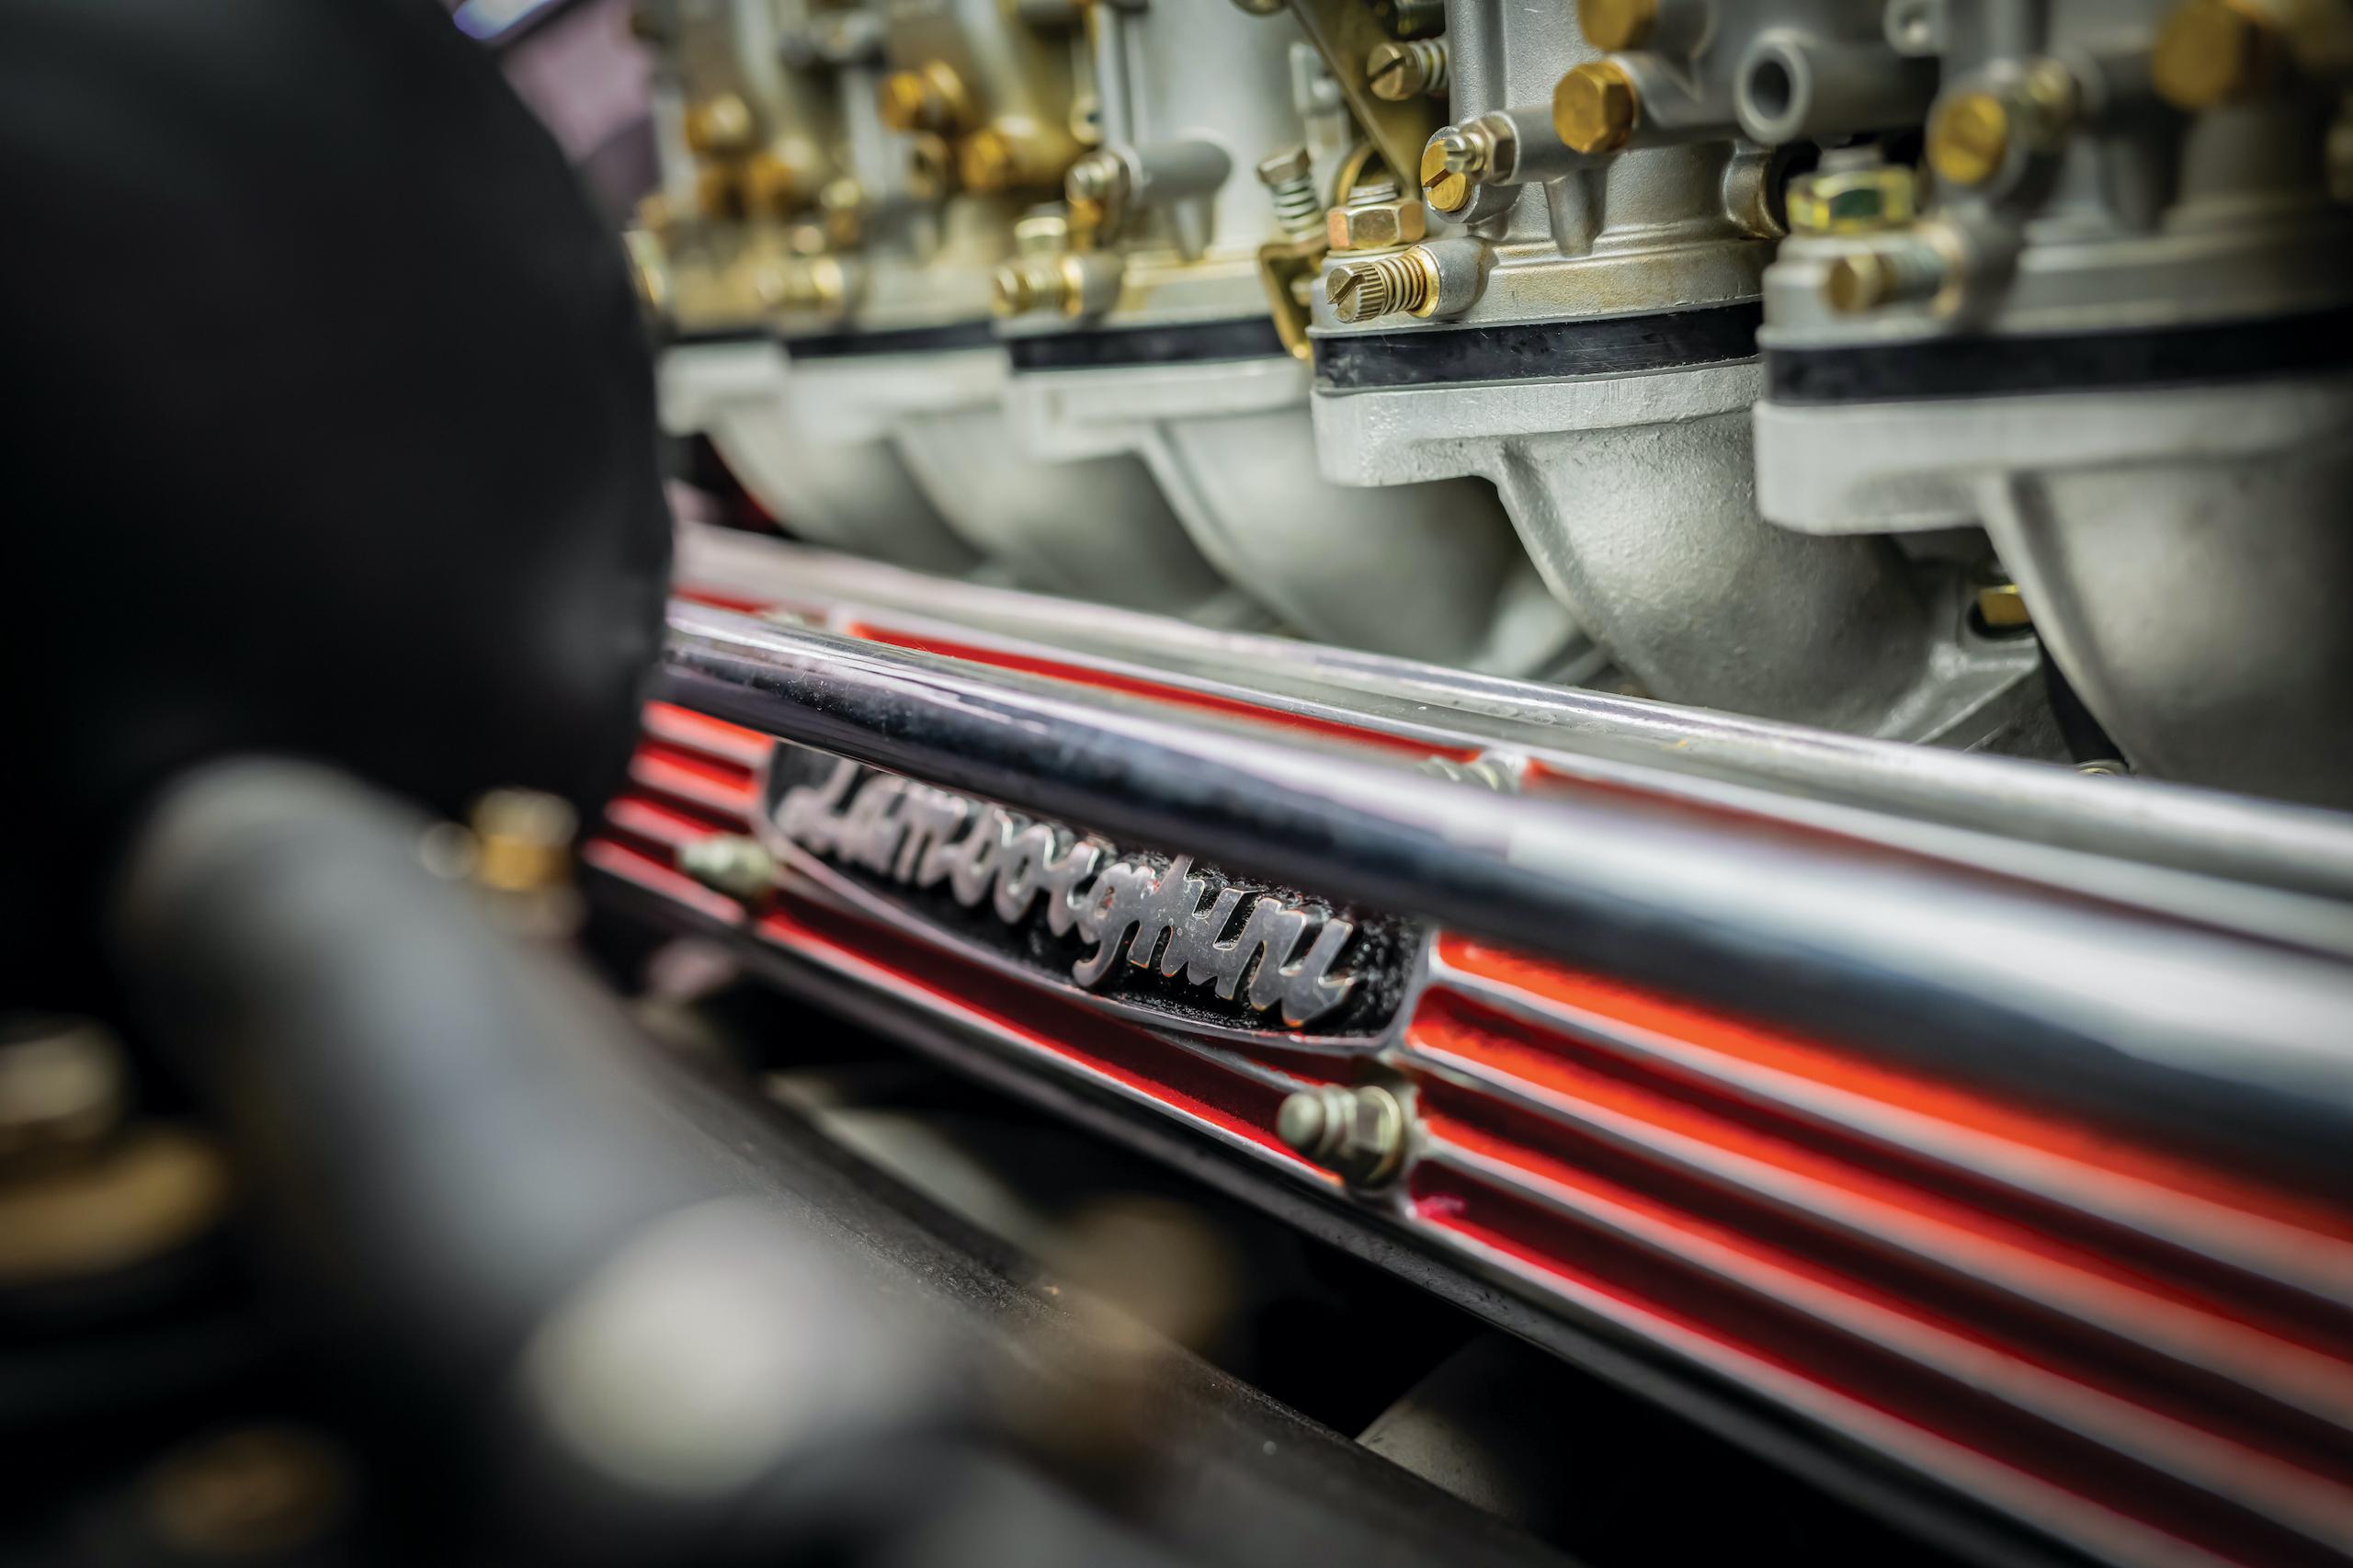 1971 Lamborghini Miura P400 SV engine detail